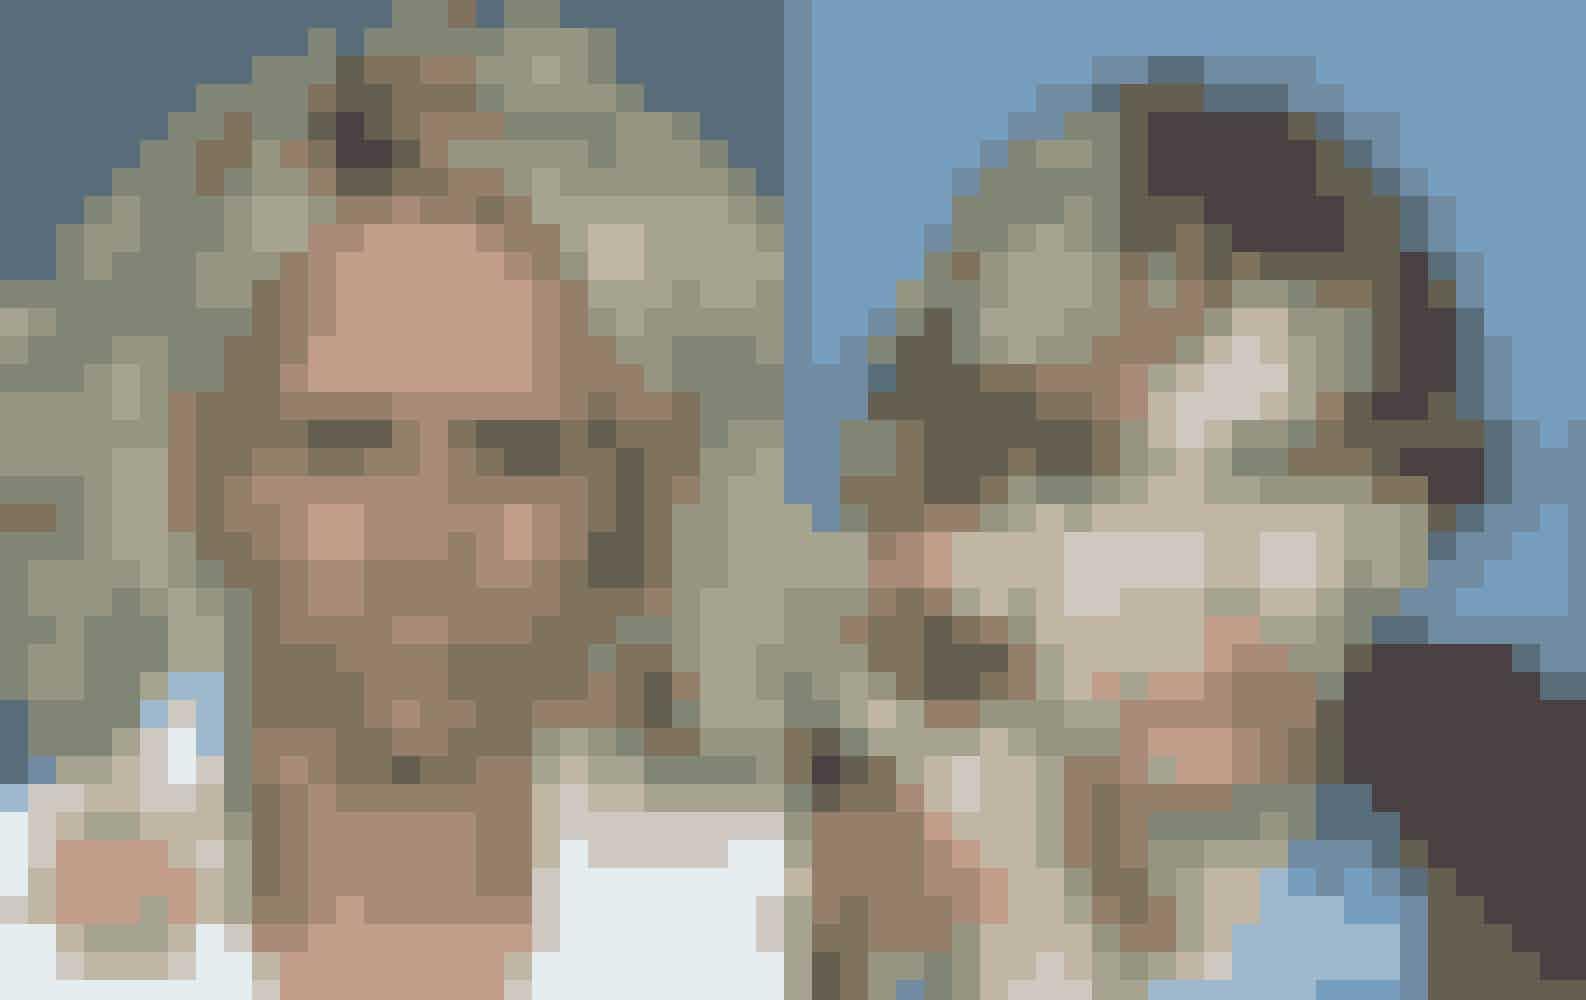 Denne kvinde var afhængig af kokain og heroin. Venstre foto er fra 2003, højre er fra 2007